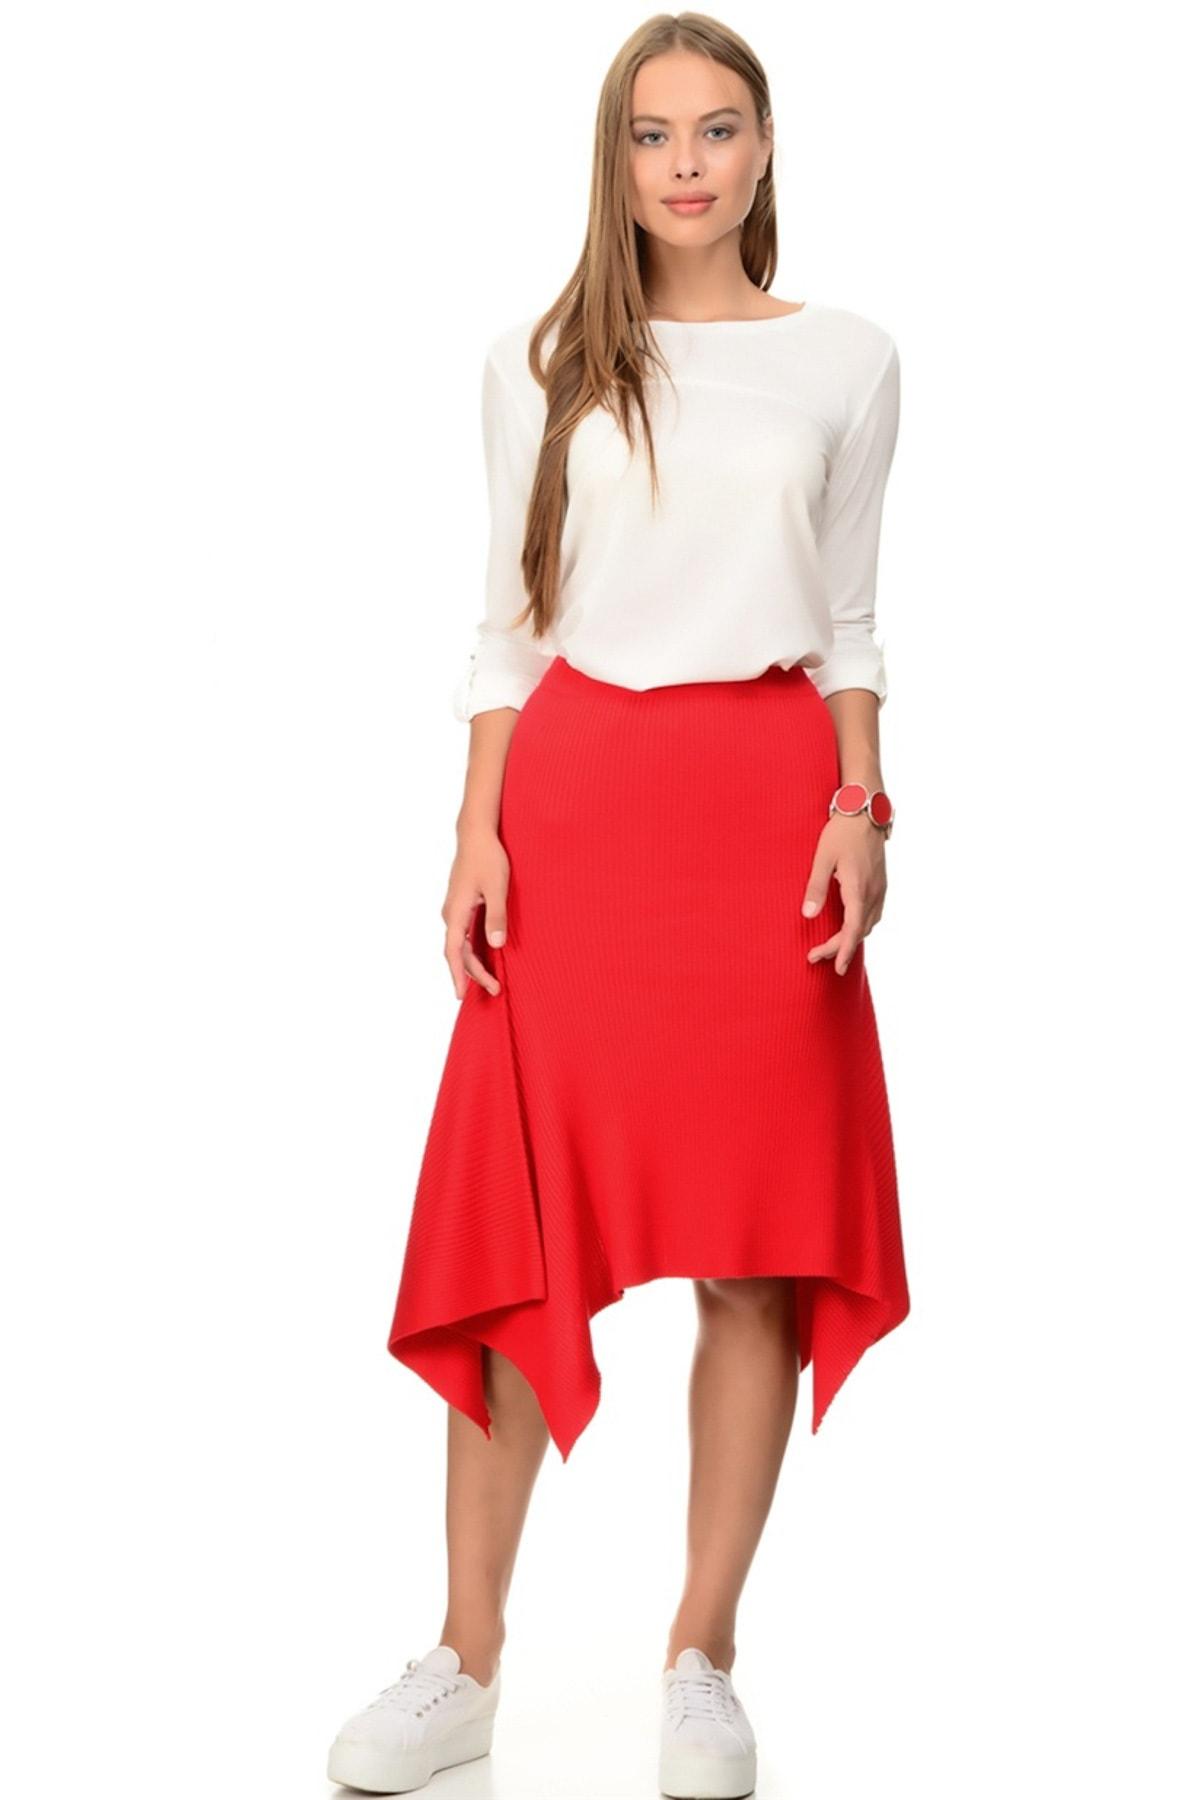 LİMON COMPANY Kadın Kırmızı Etek 501962526 1